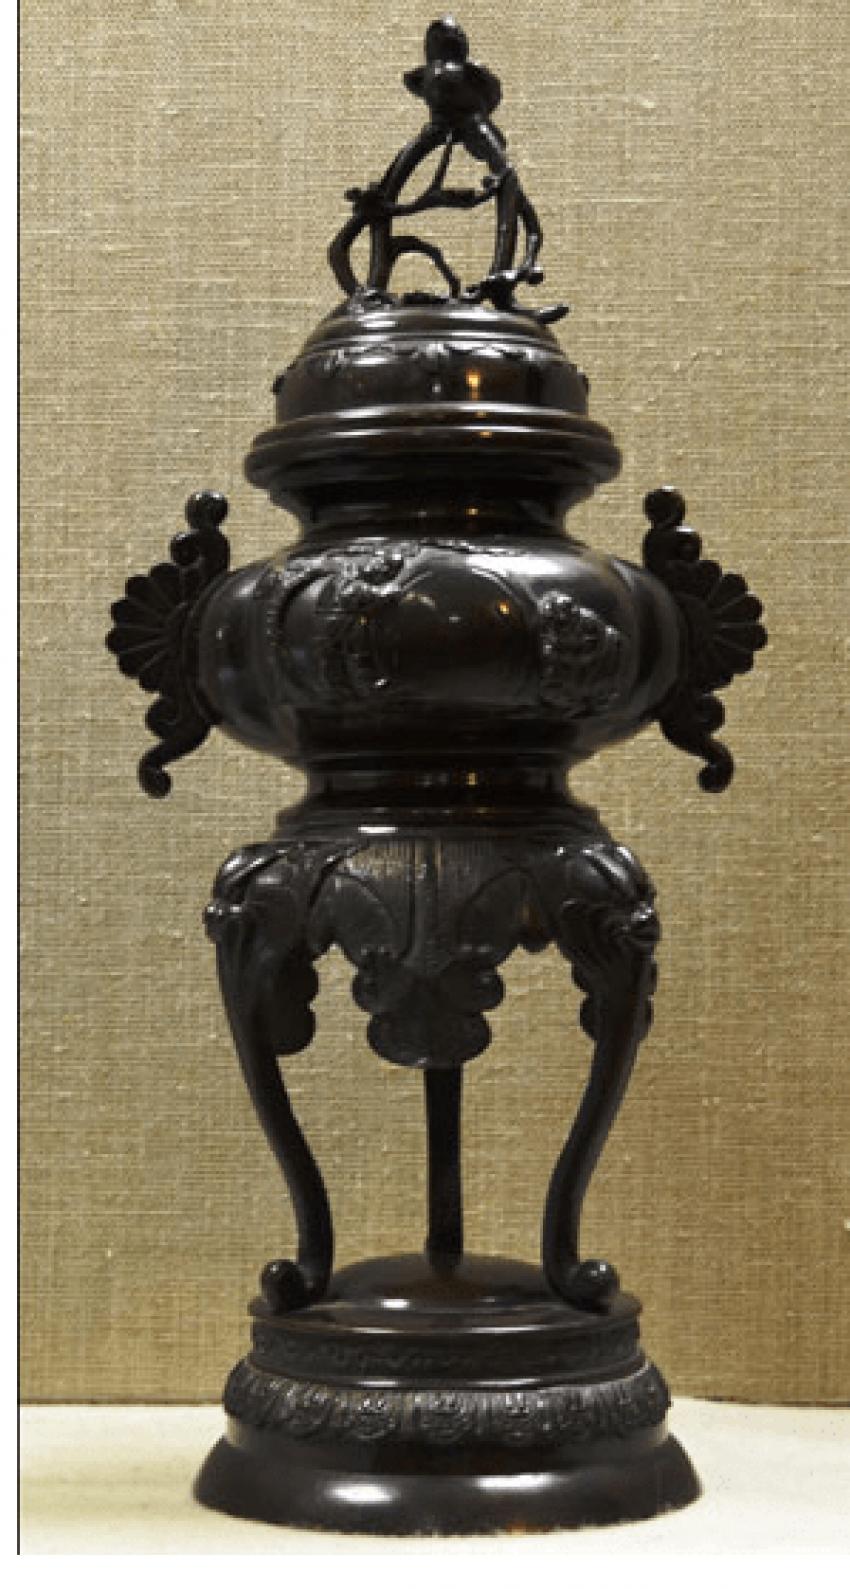 Vase-burn bronze Japan, MEIJI period - photo 1